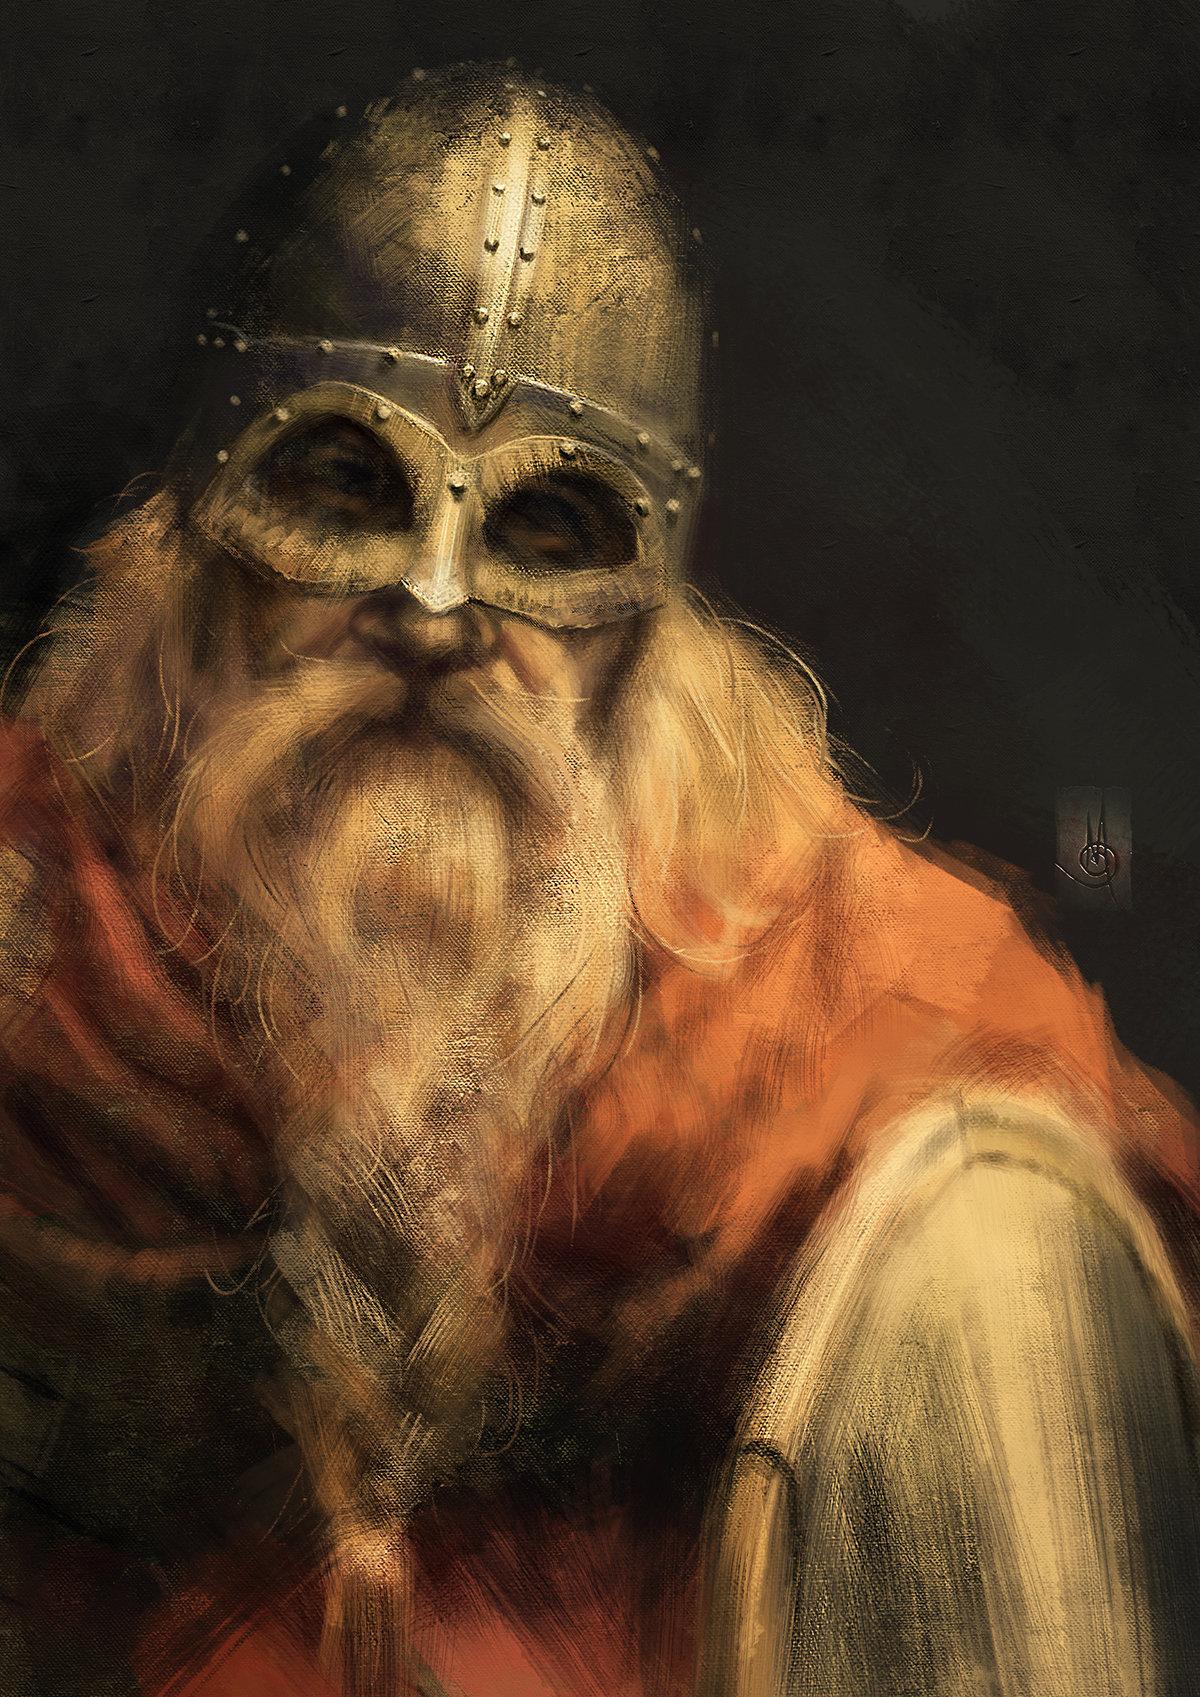 Murat gul viking by muratgul